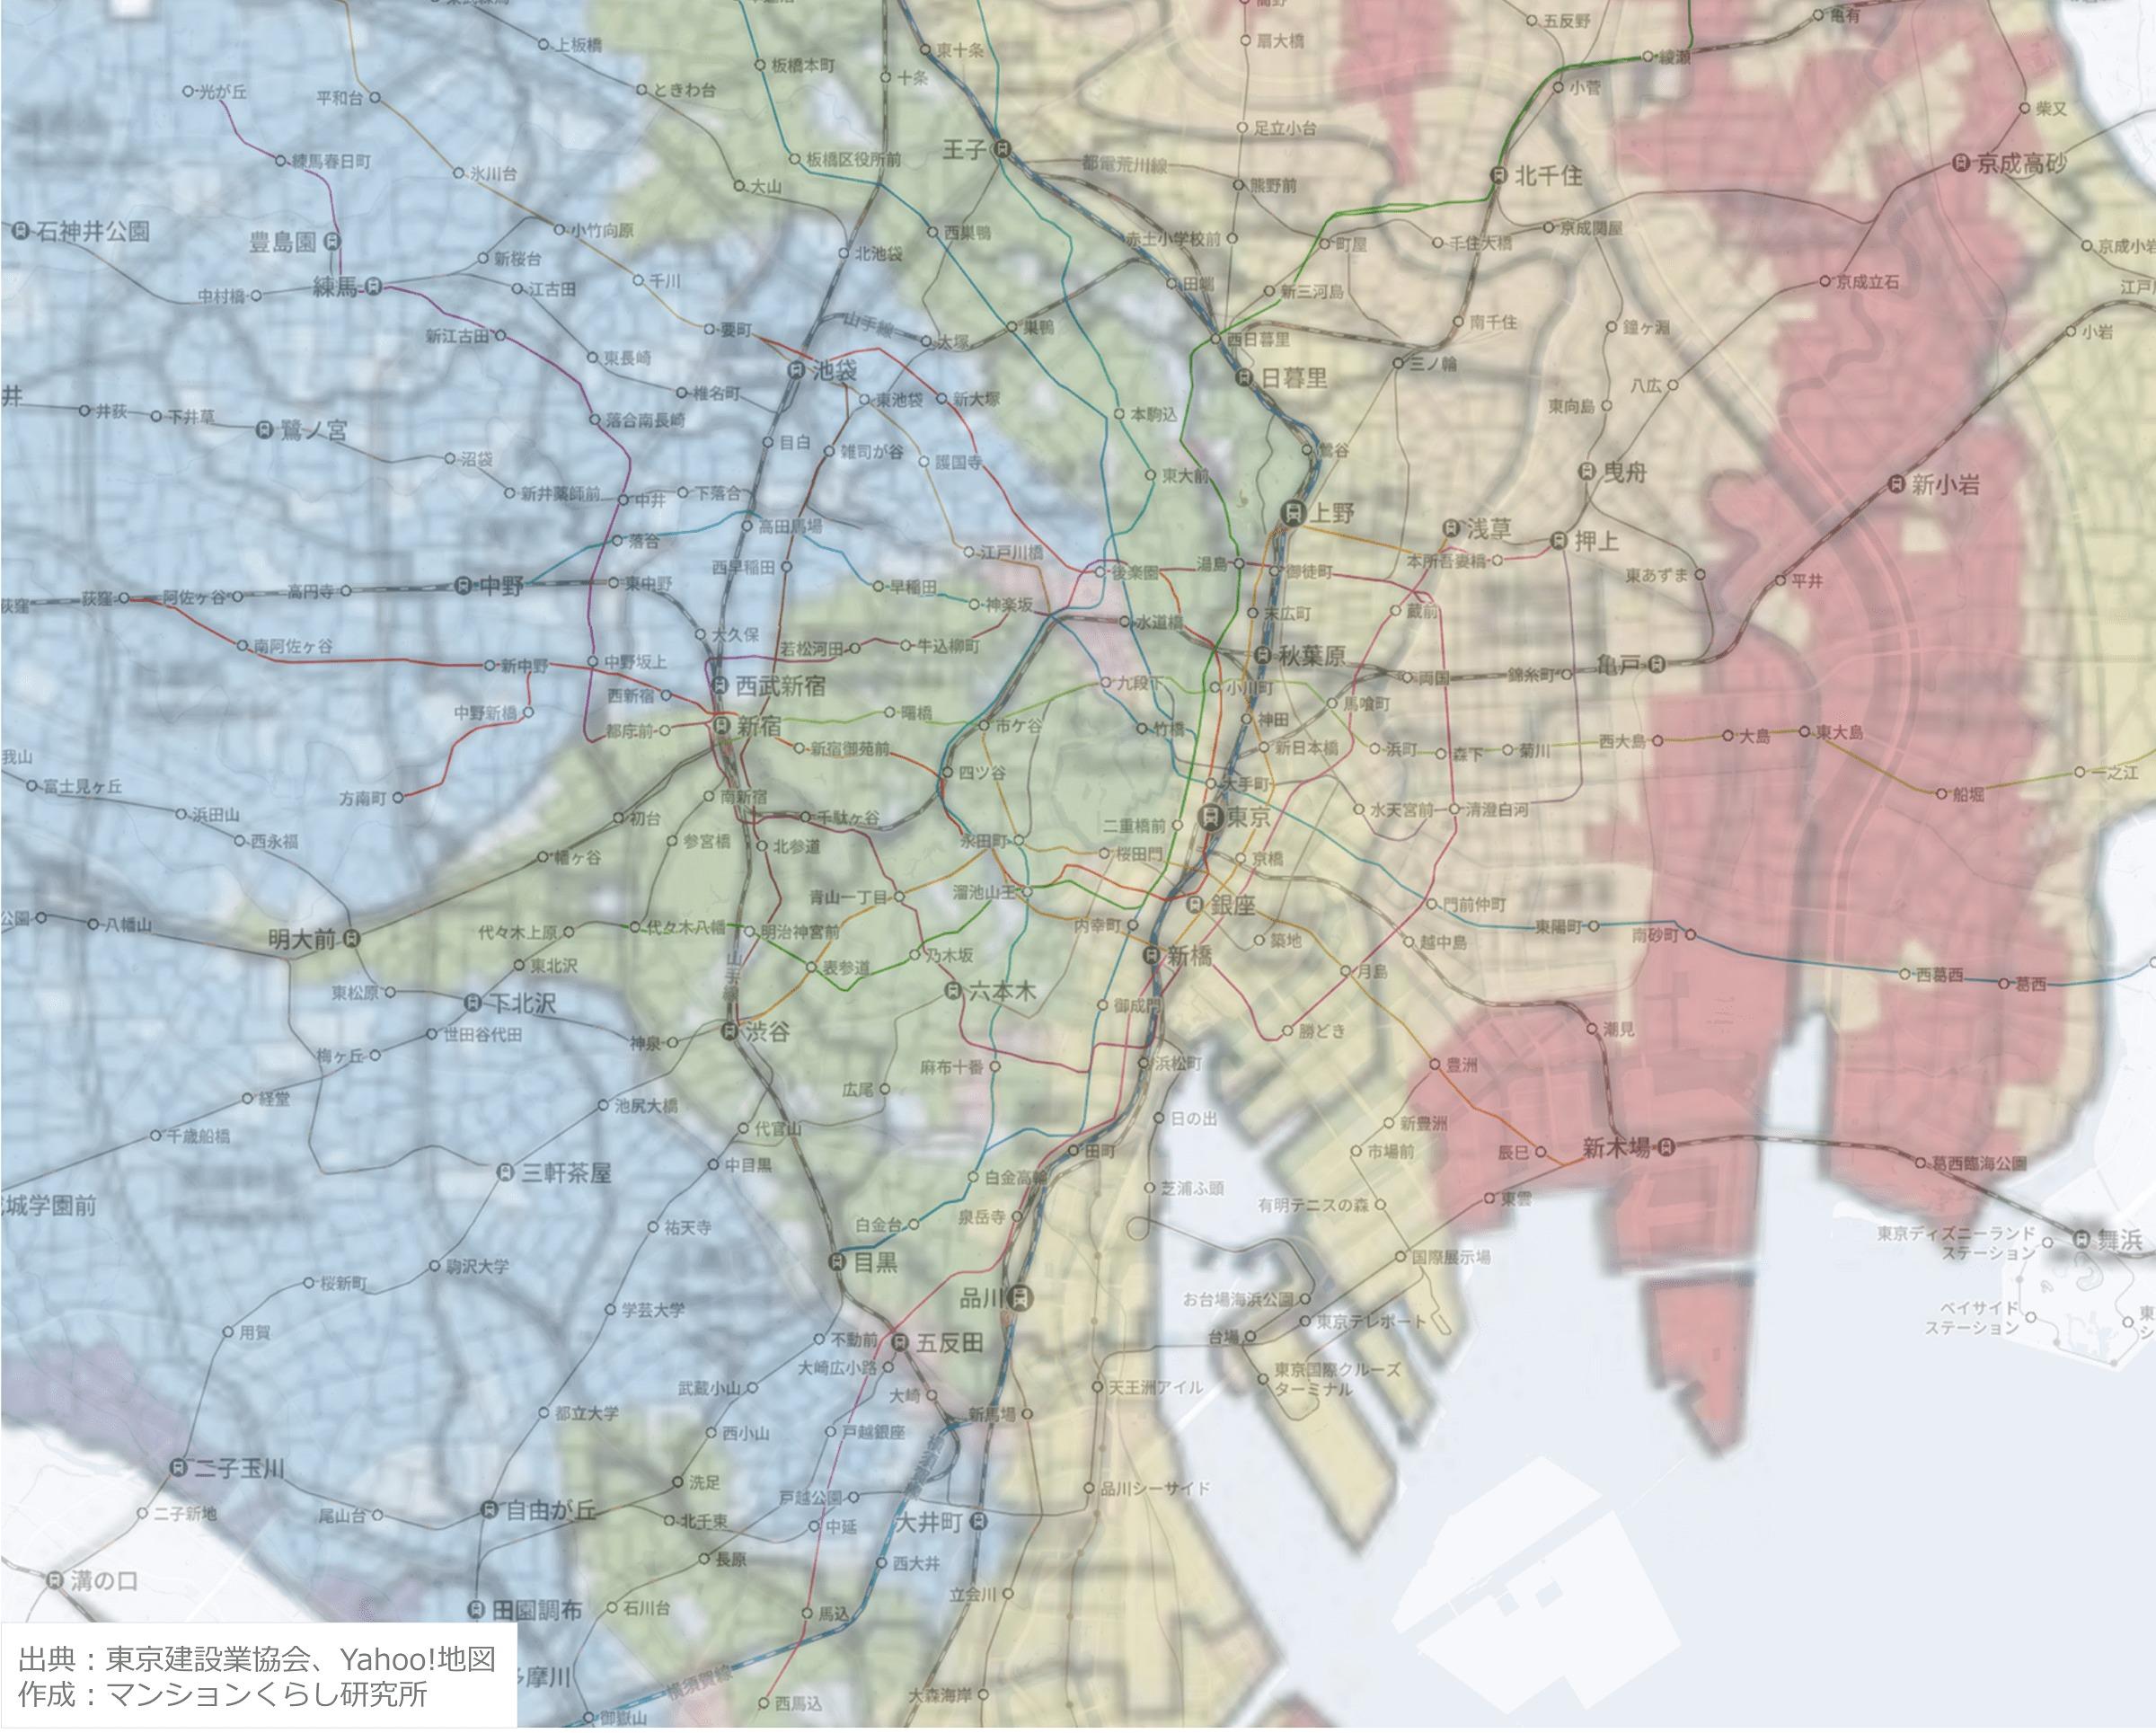 東京23区_地盤マップ